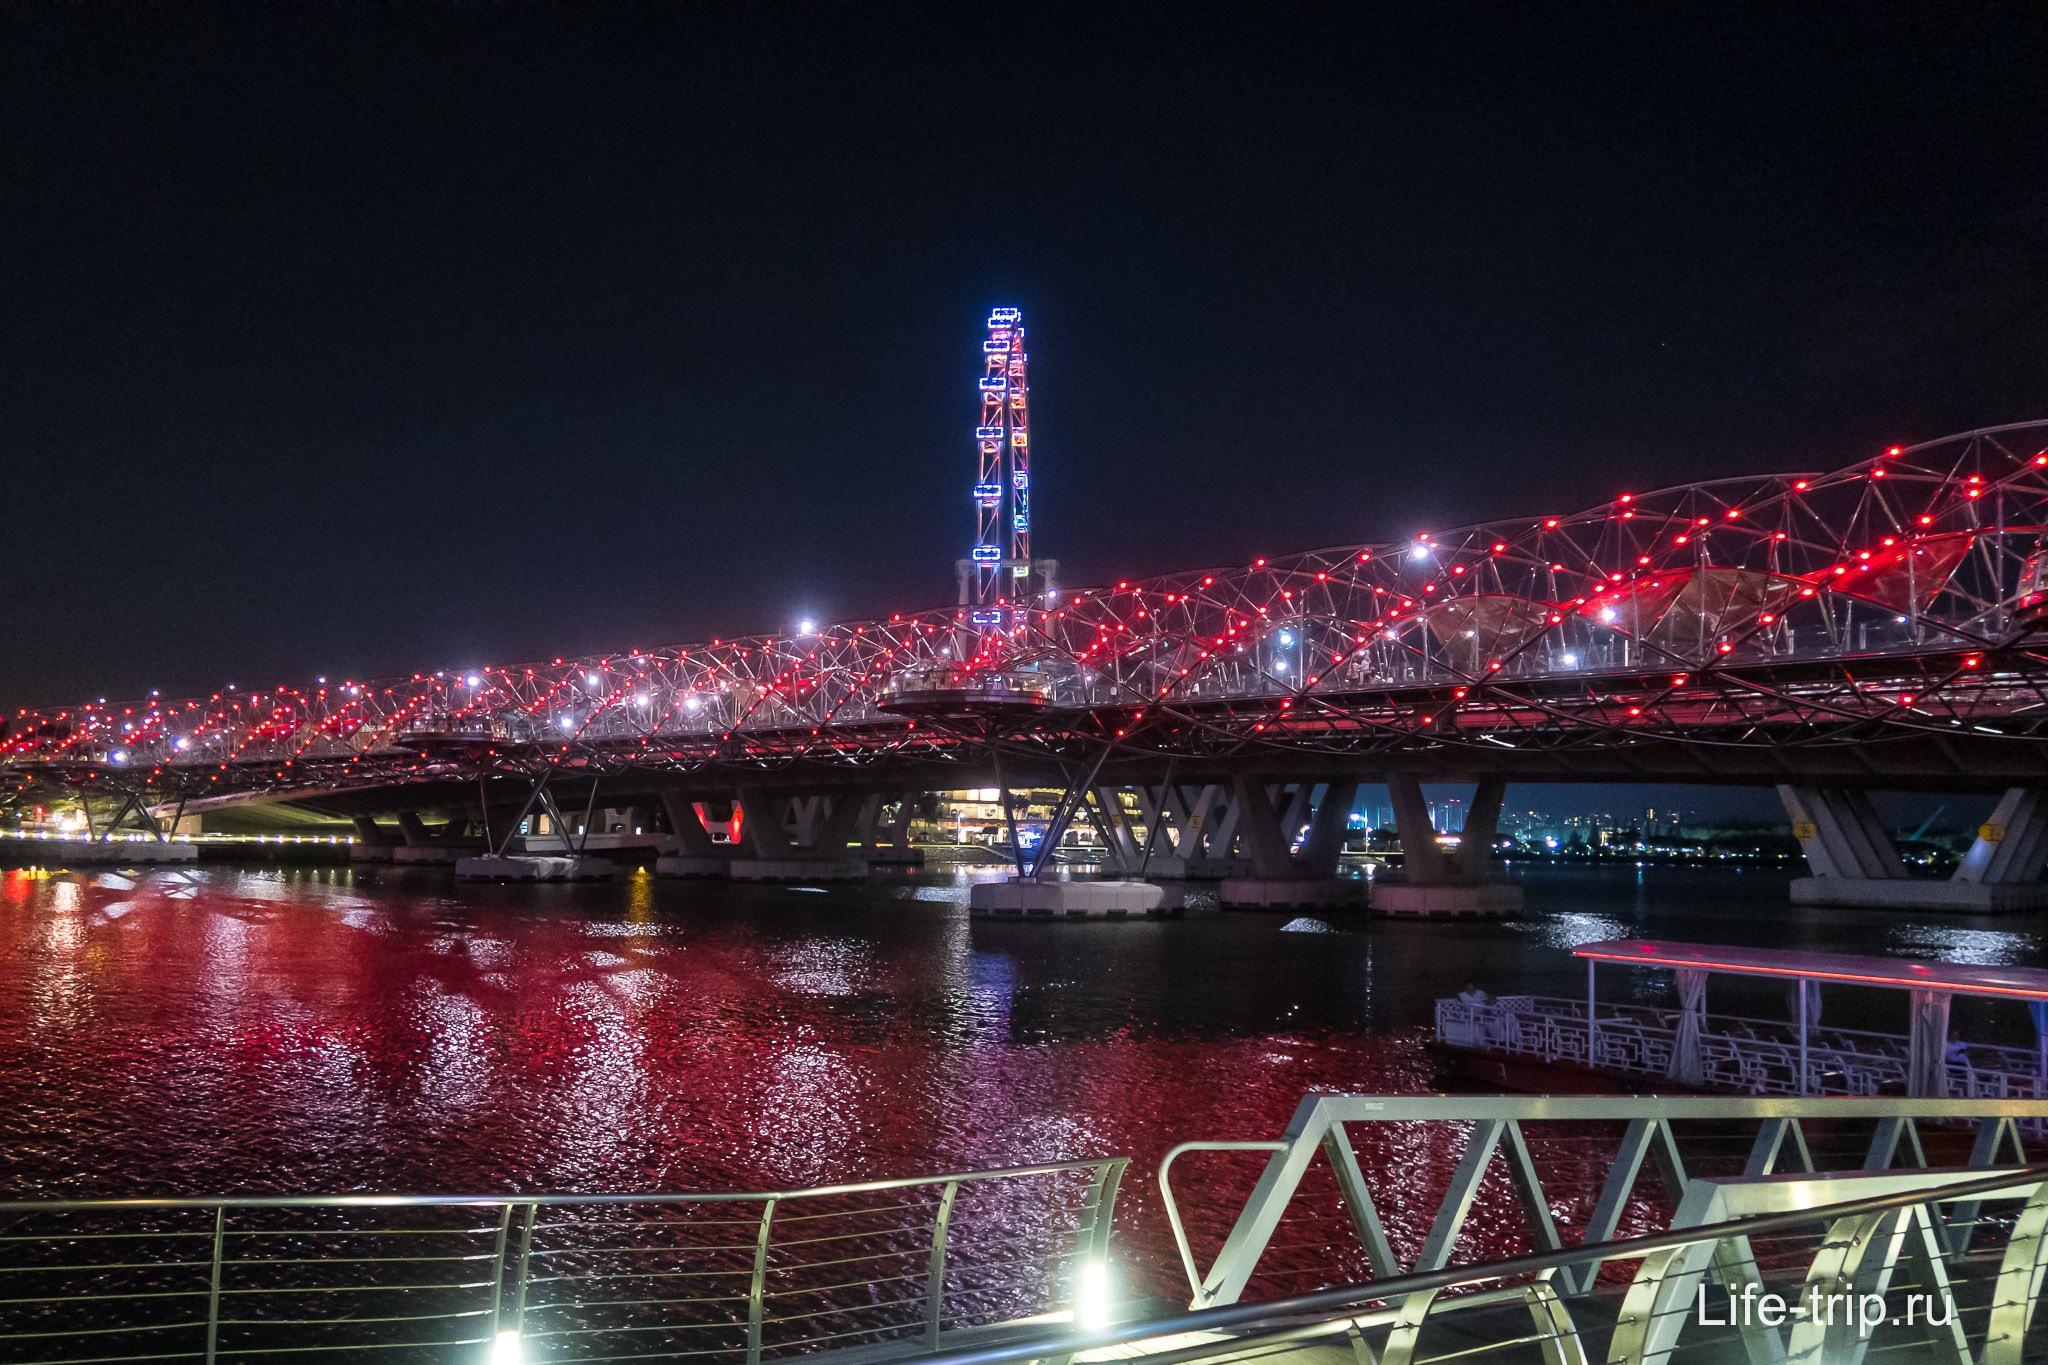 Обои рукотворное, Marina bay sands, ночь. Города foto 12